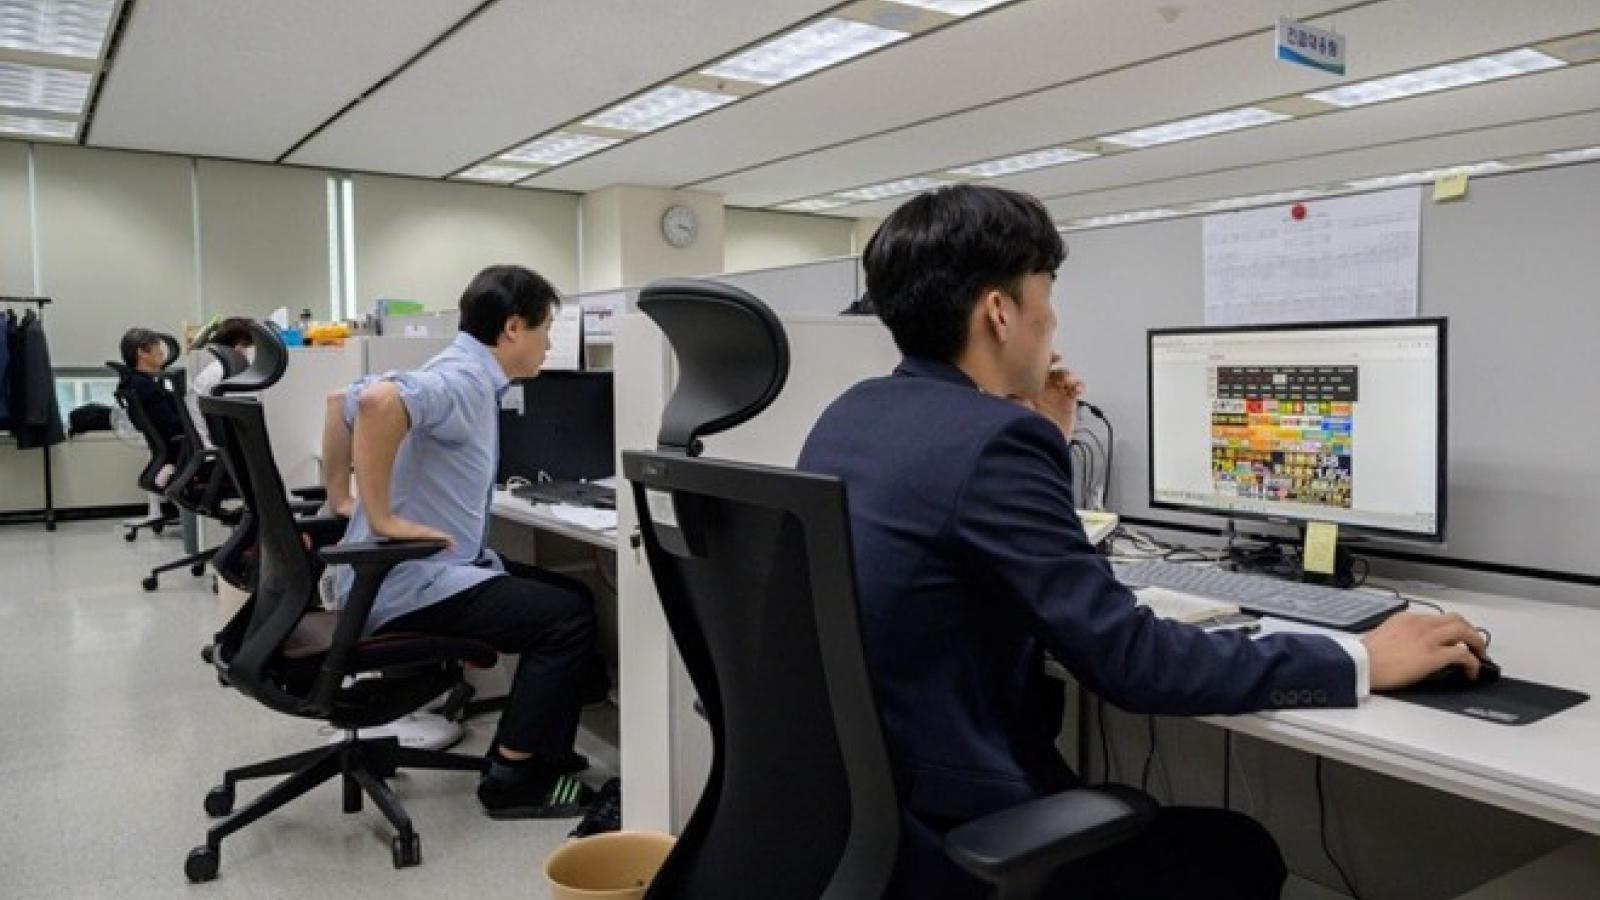 Lượng truy cập Internet tại Hàn Quốc tăng đột biến do Covid-19